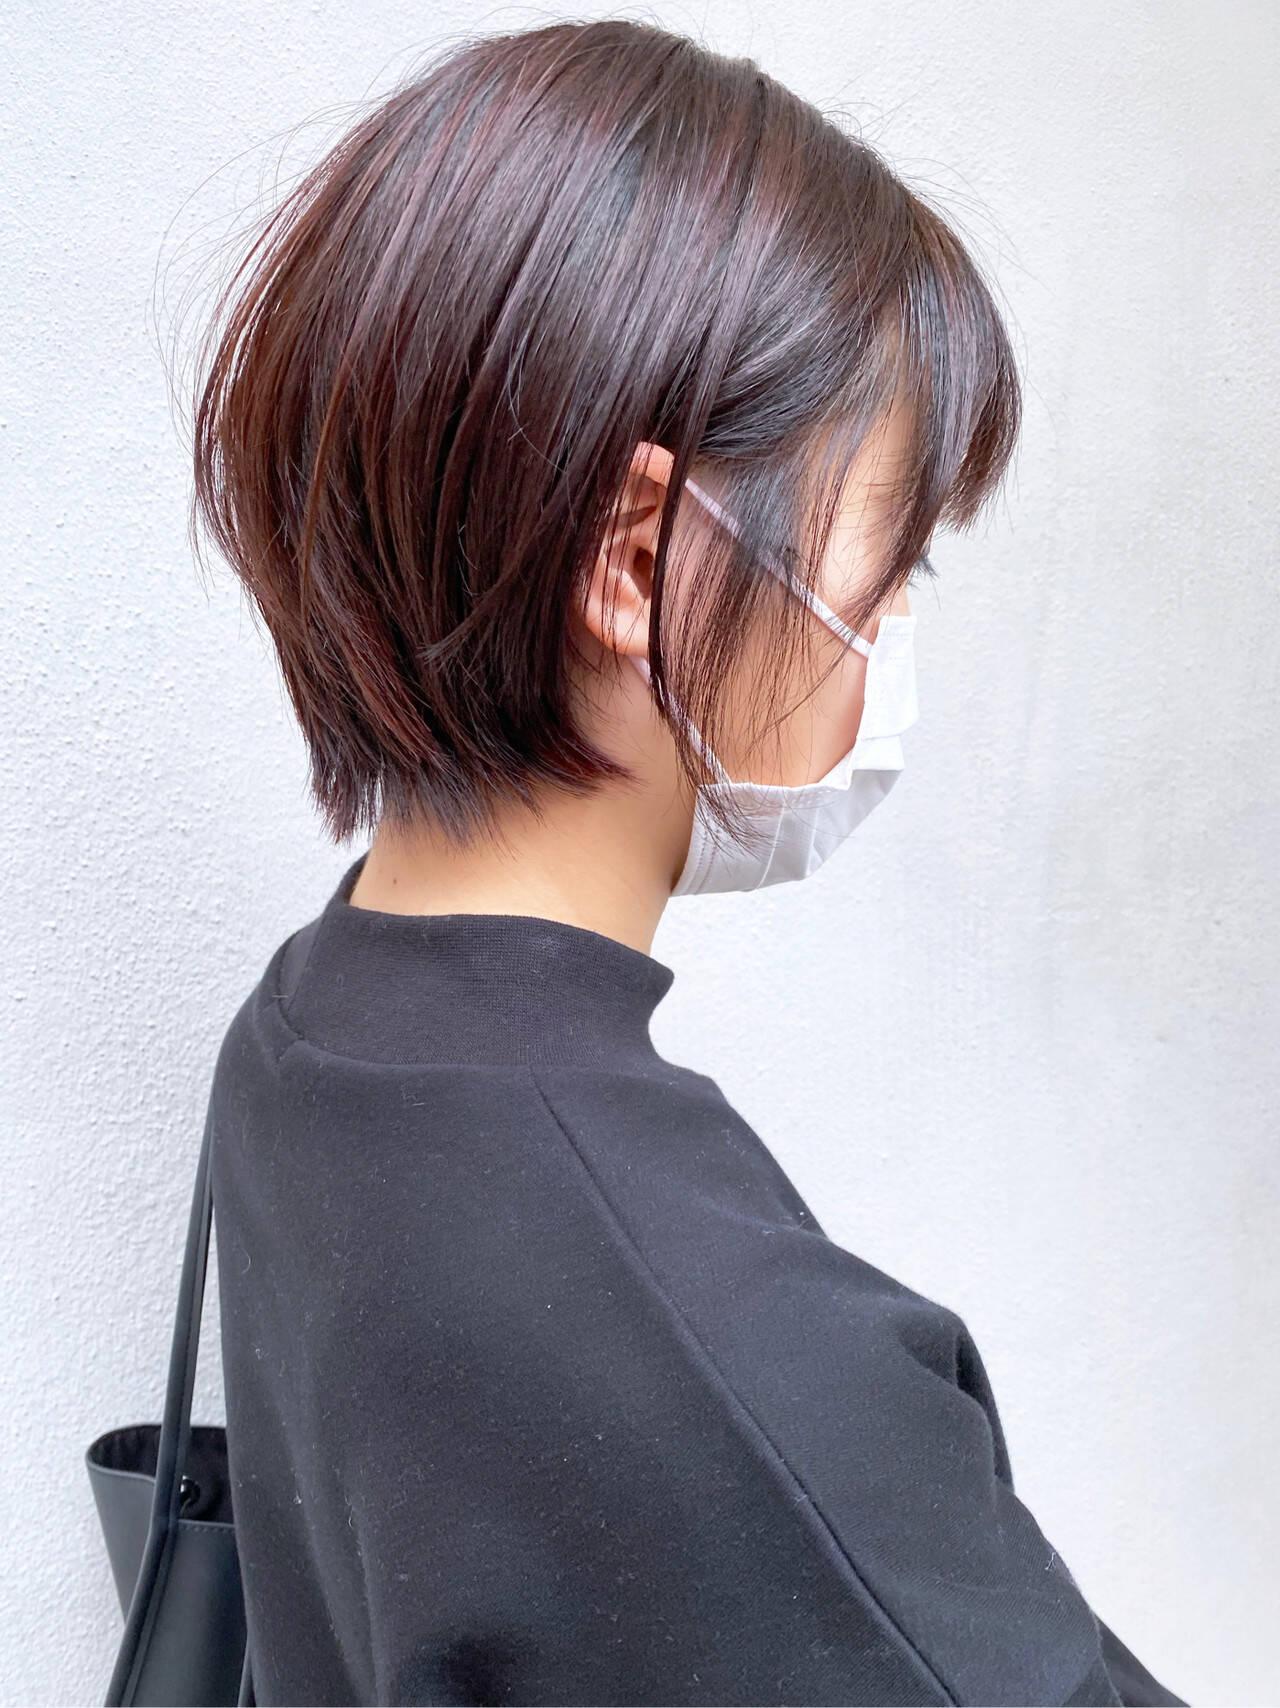 ミニボブ ウルフカット ショート フェミニンヘアスタイルや髪型の写真・画像